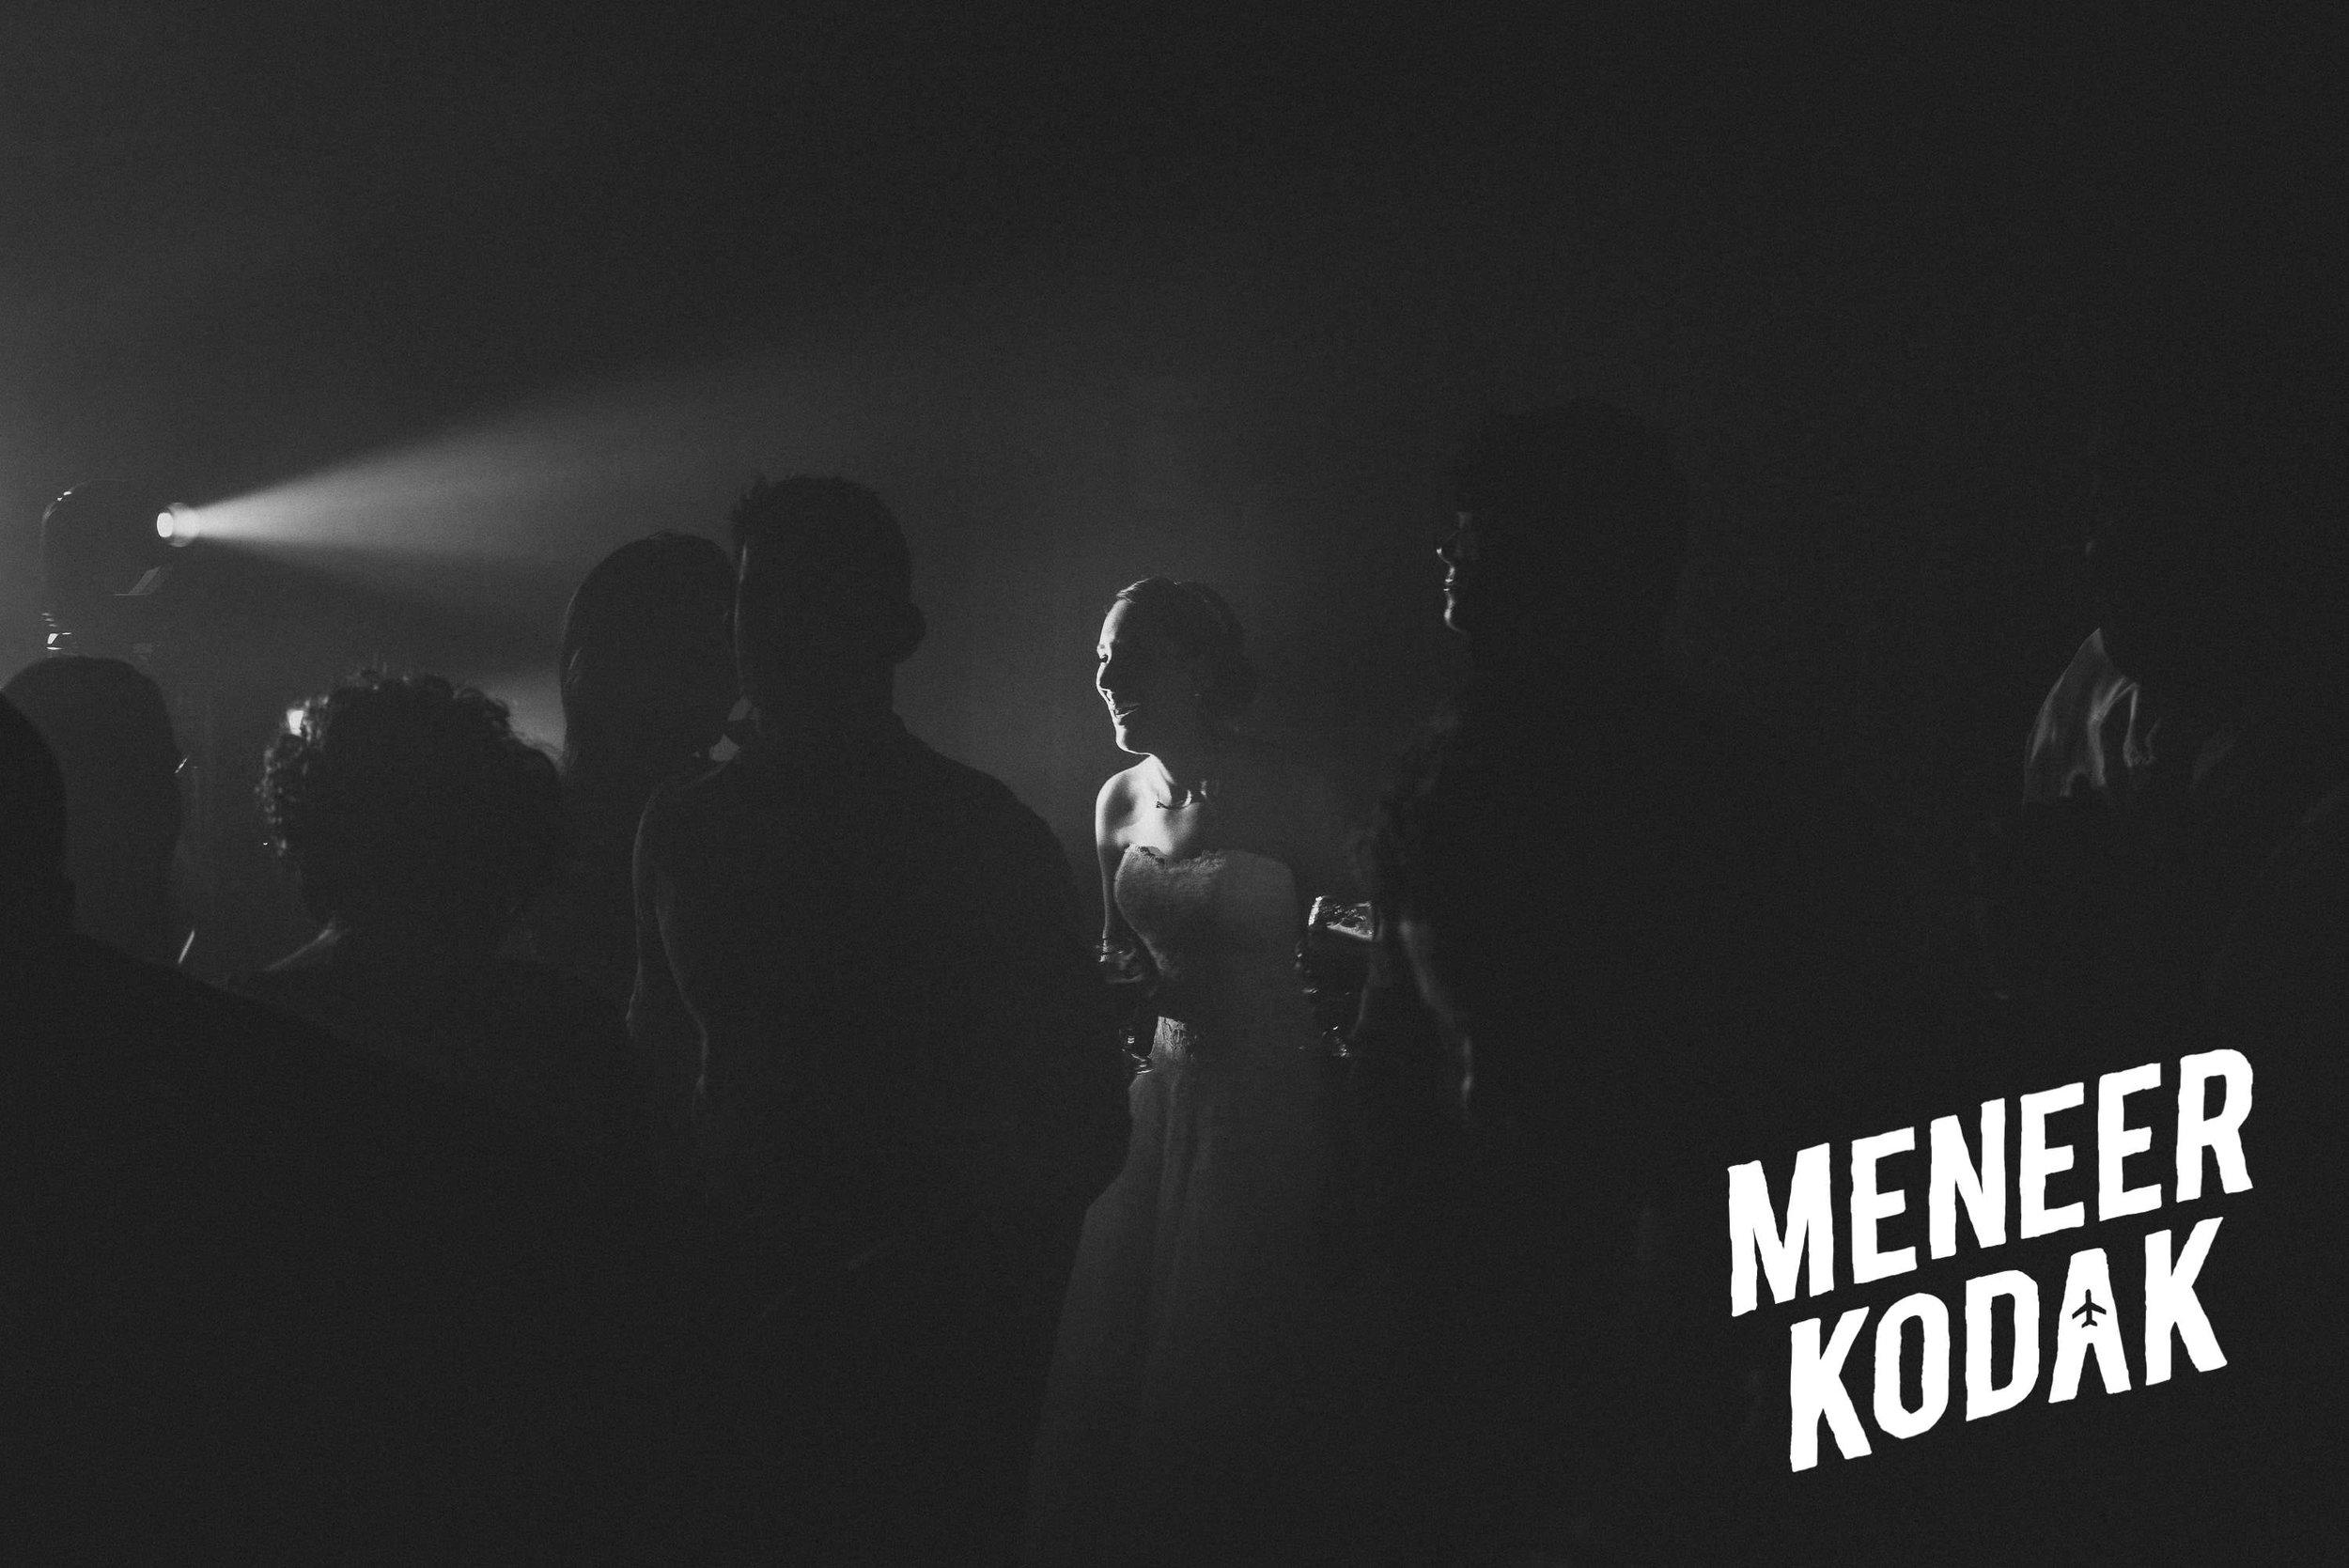 Meneer Kodak - Trouwfotograaf - Gent - D&T-071.jpg